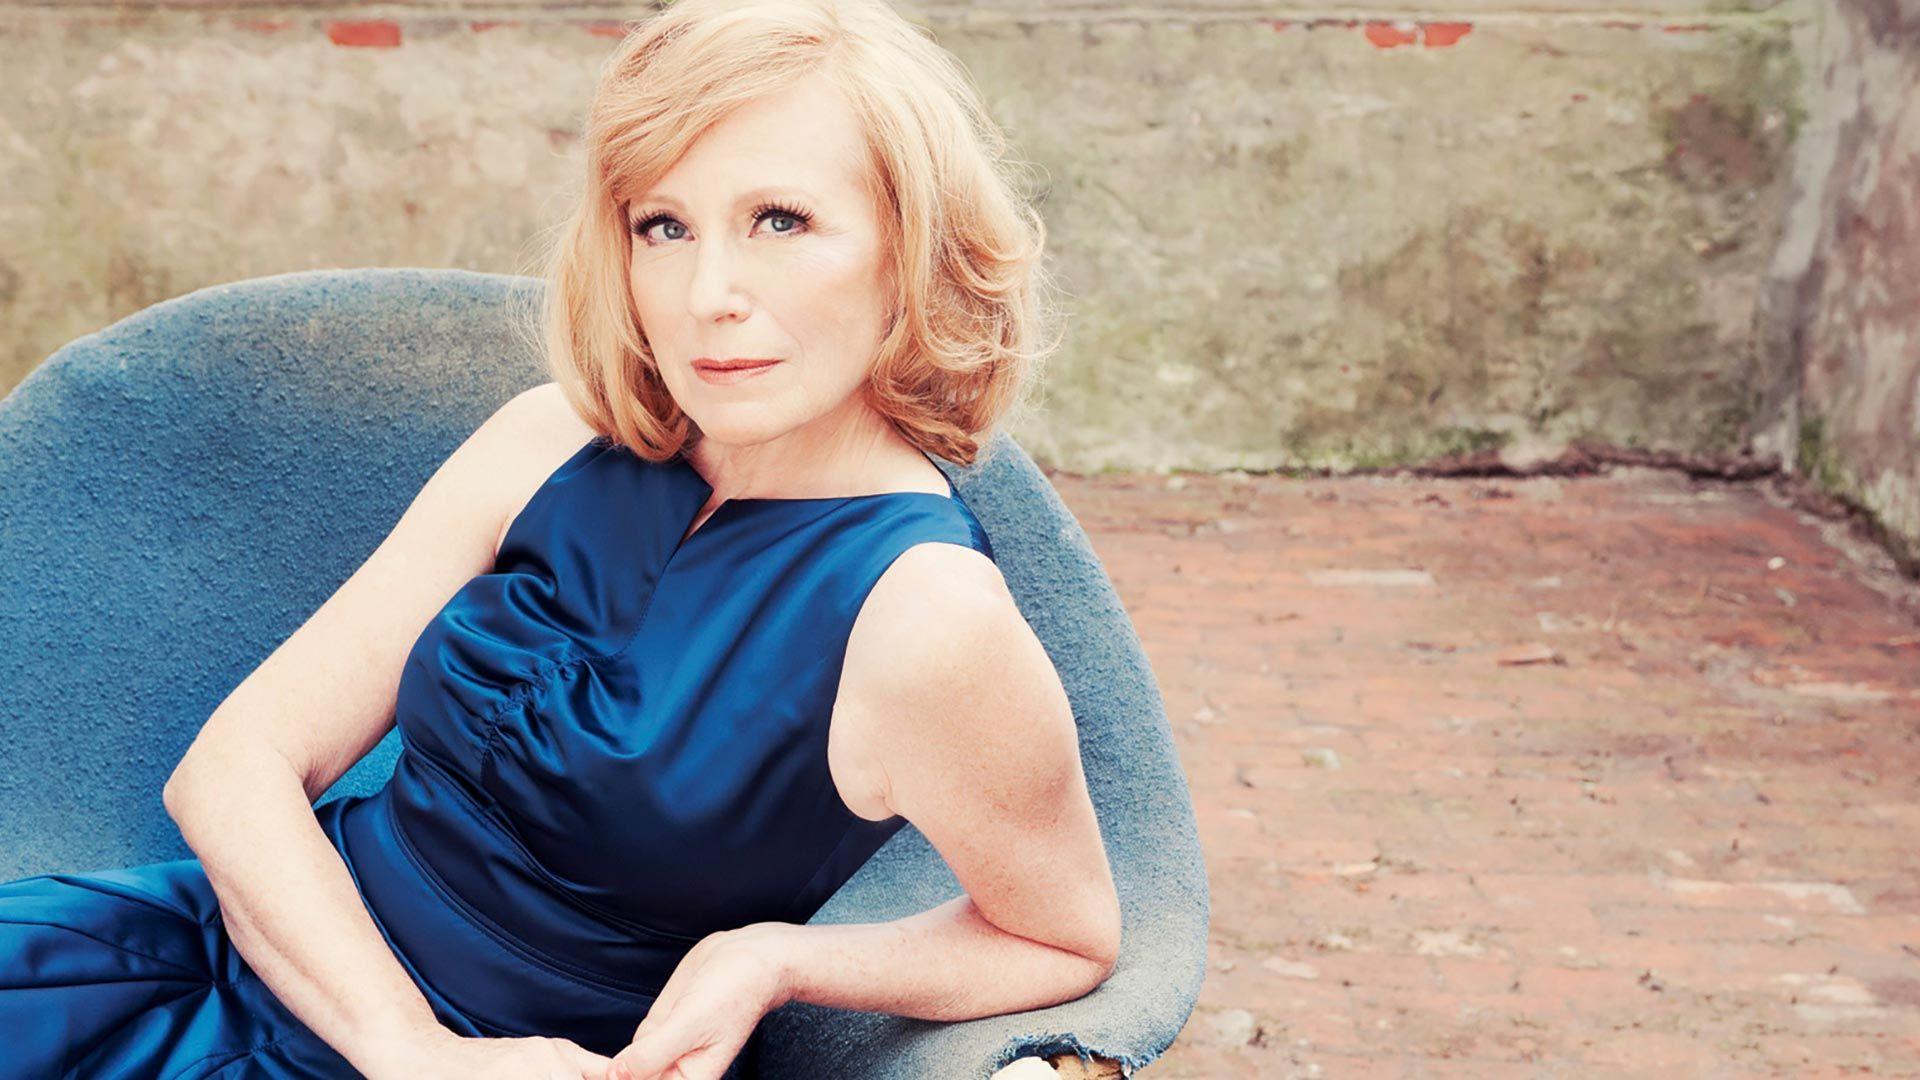 Maren Kroymann - In my Sixties